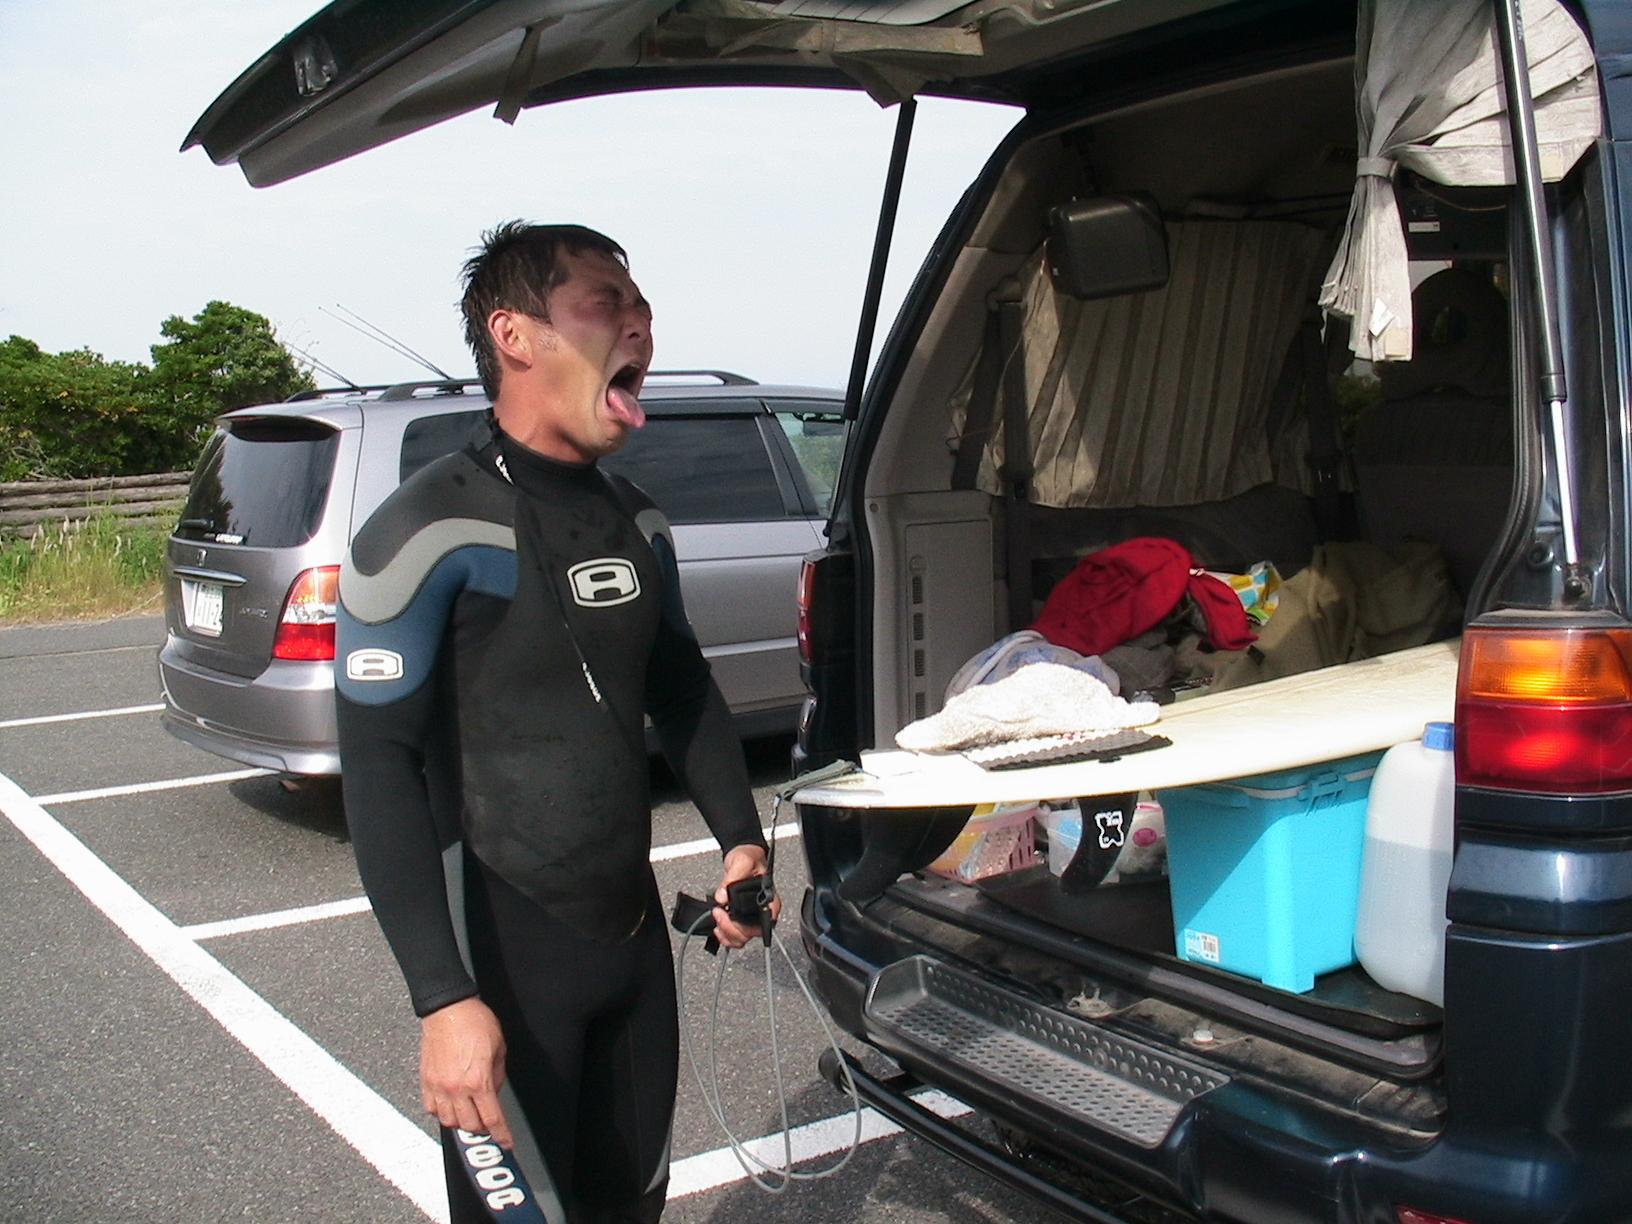 良い波&良い雪を求めて旅する手段が「車中泊」だった